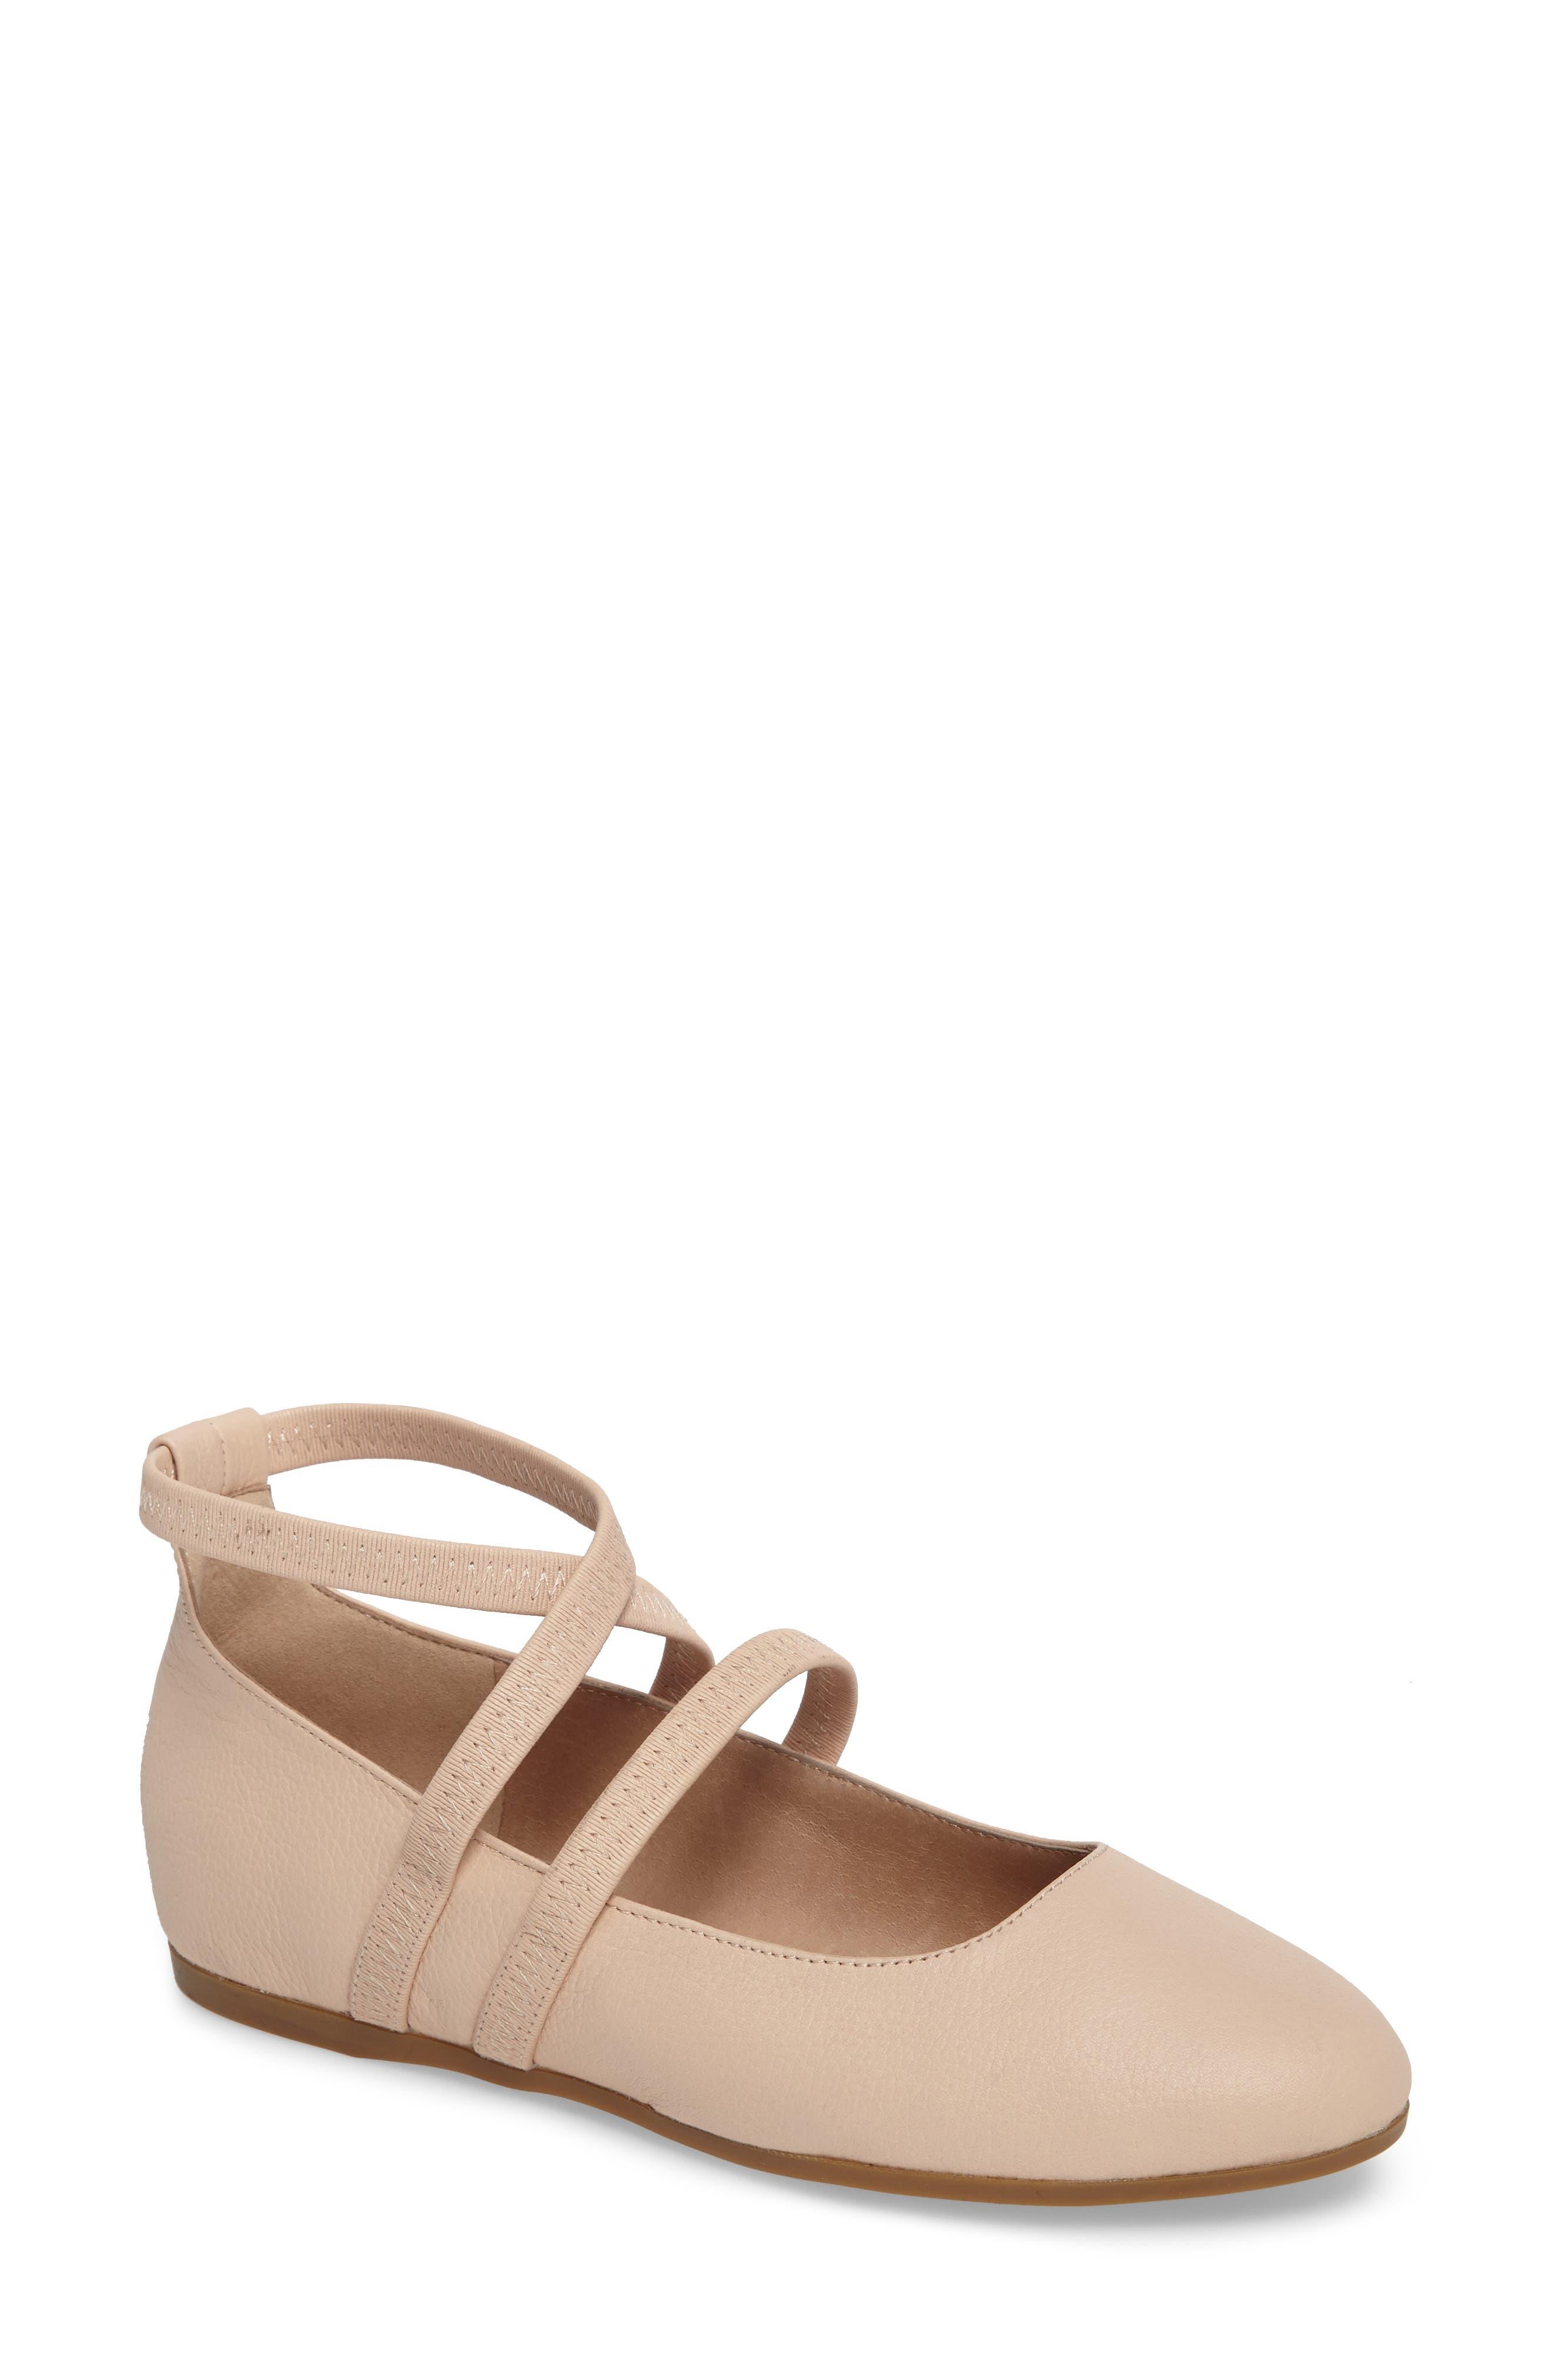 Eileen Fisher Joe Strappy Ballet Flat (Women)